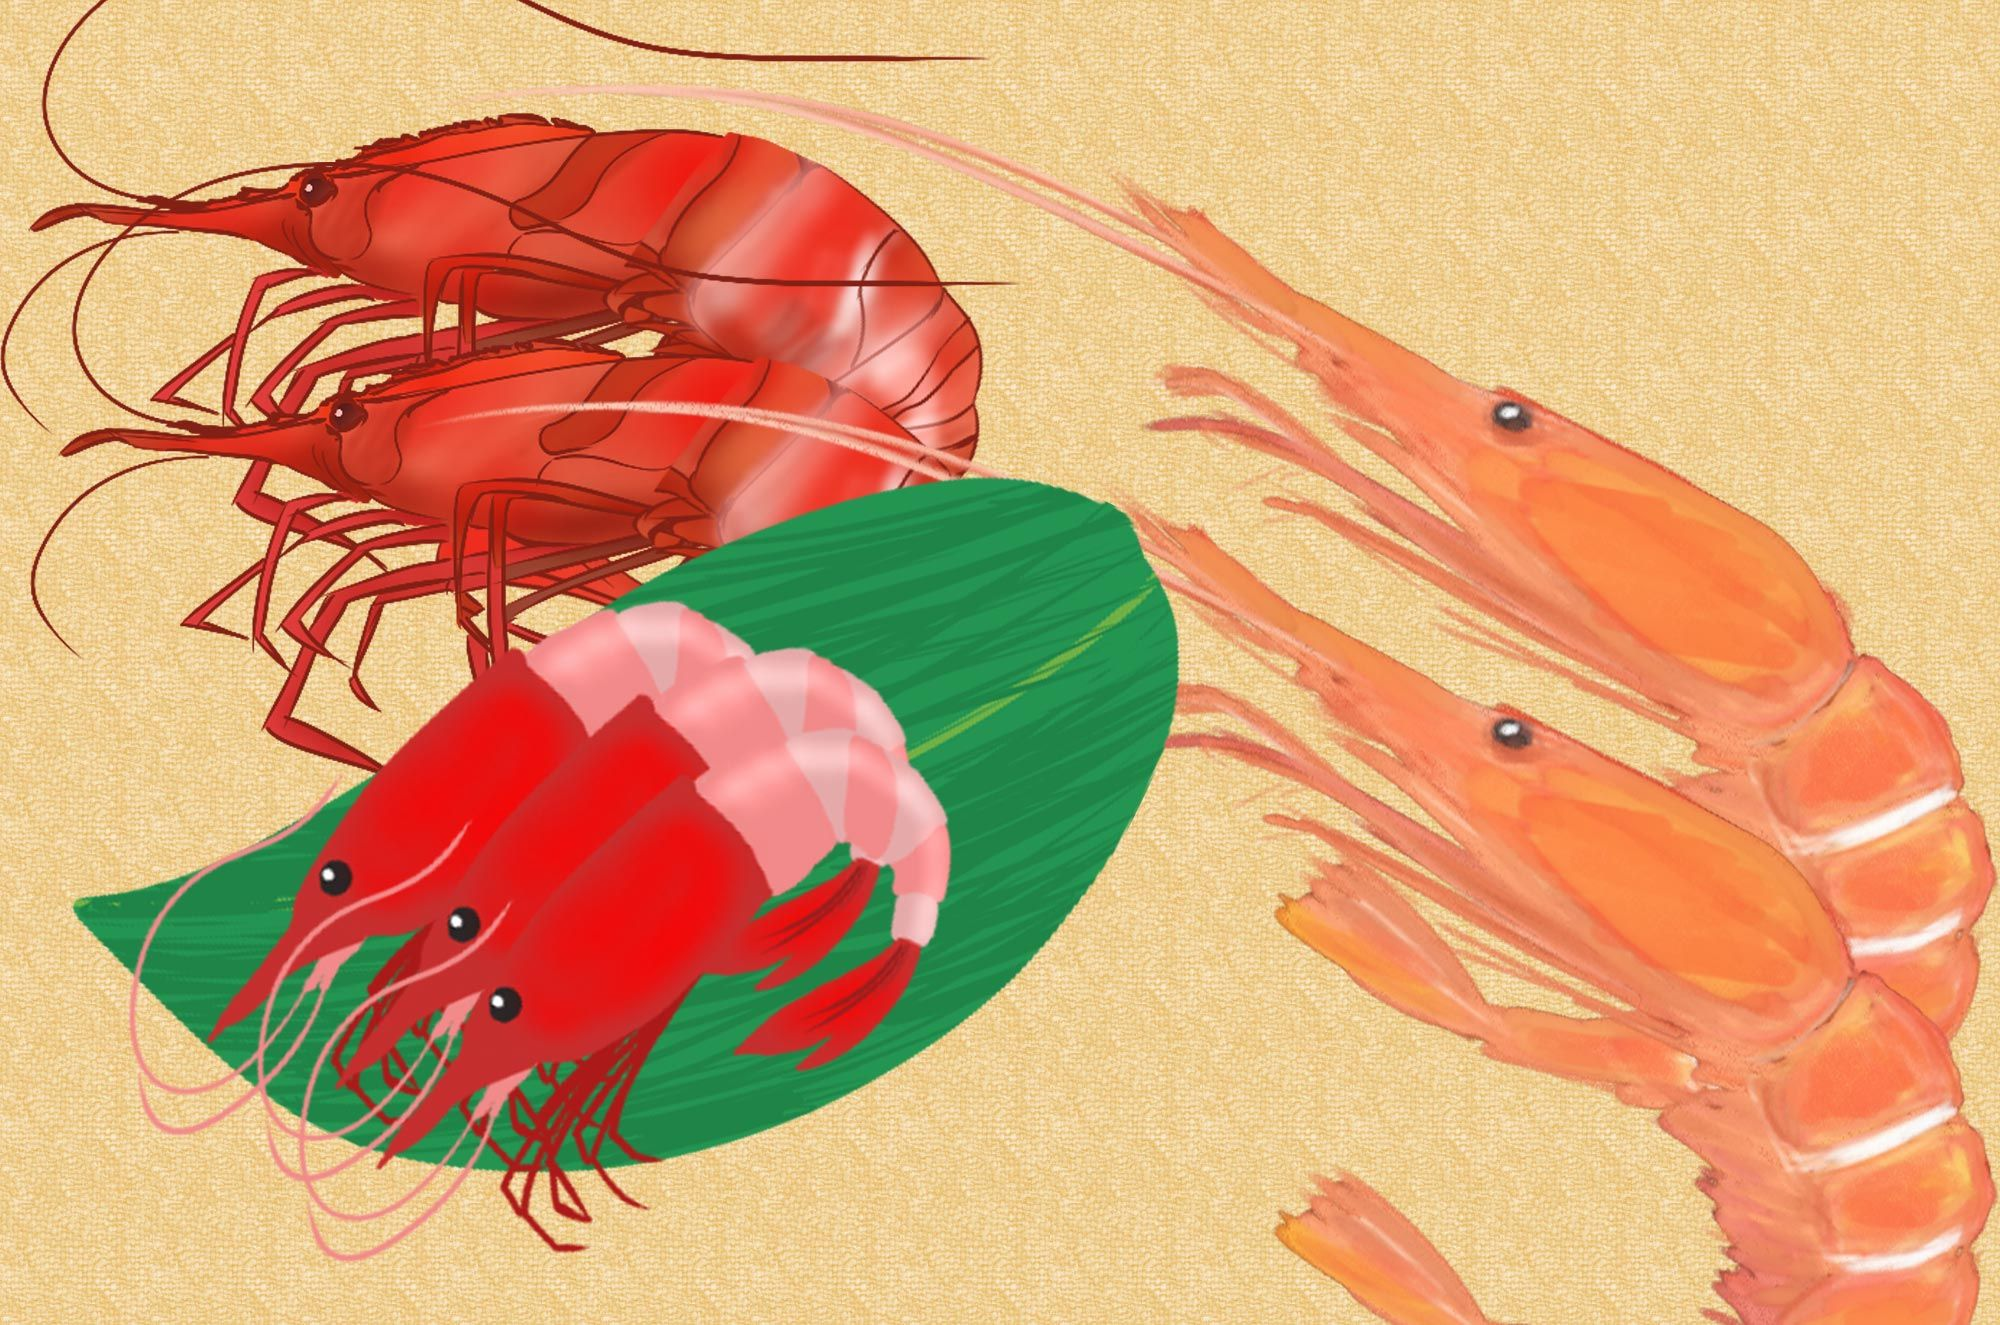 エビのイラスト素材新鮮な海老がいっぱい可愛い海老からお寿司